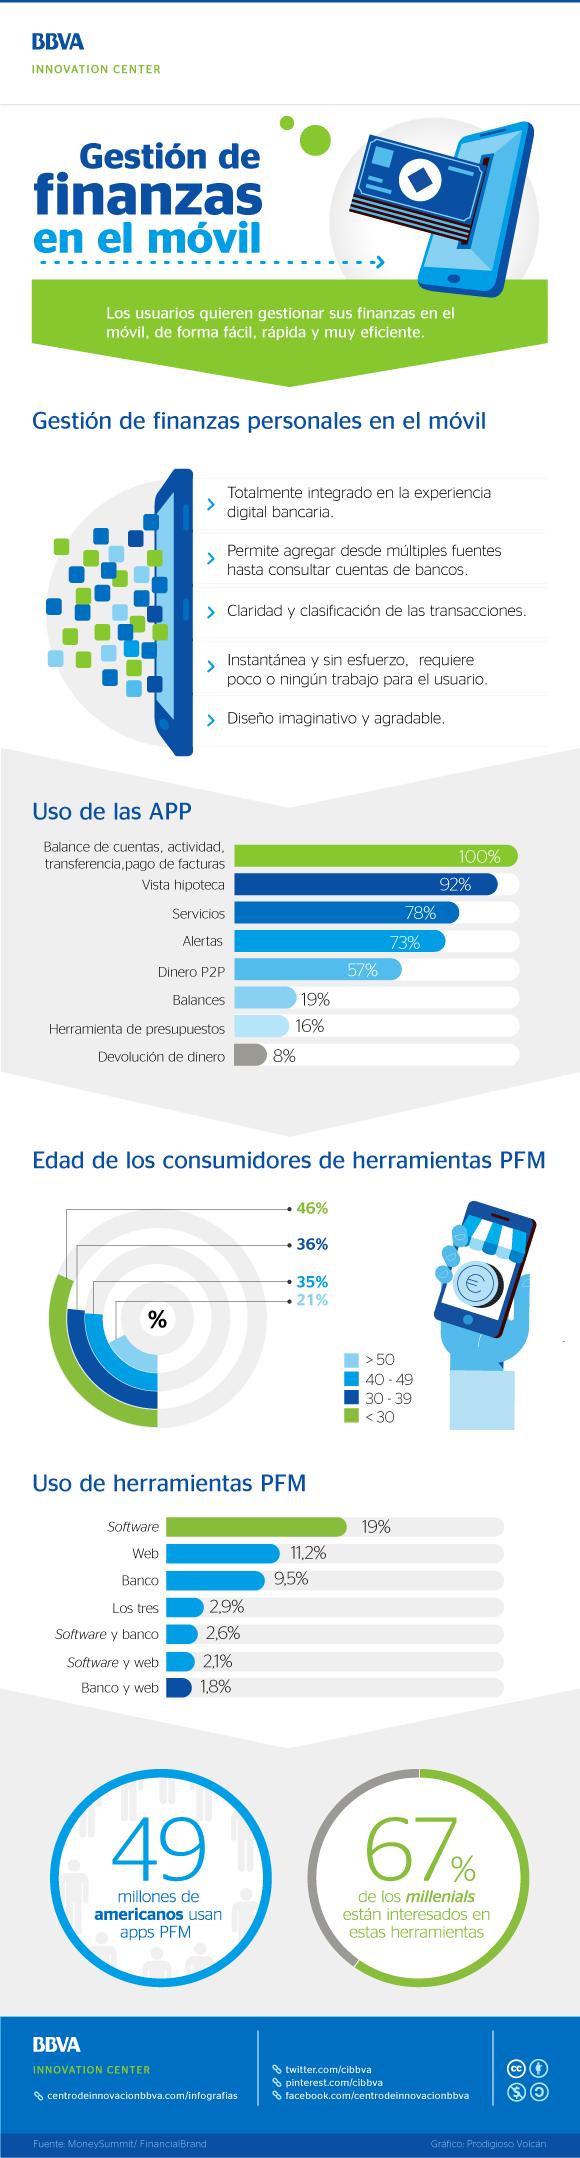 Gestión de finanzas en el móvil